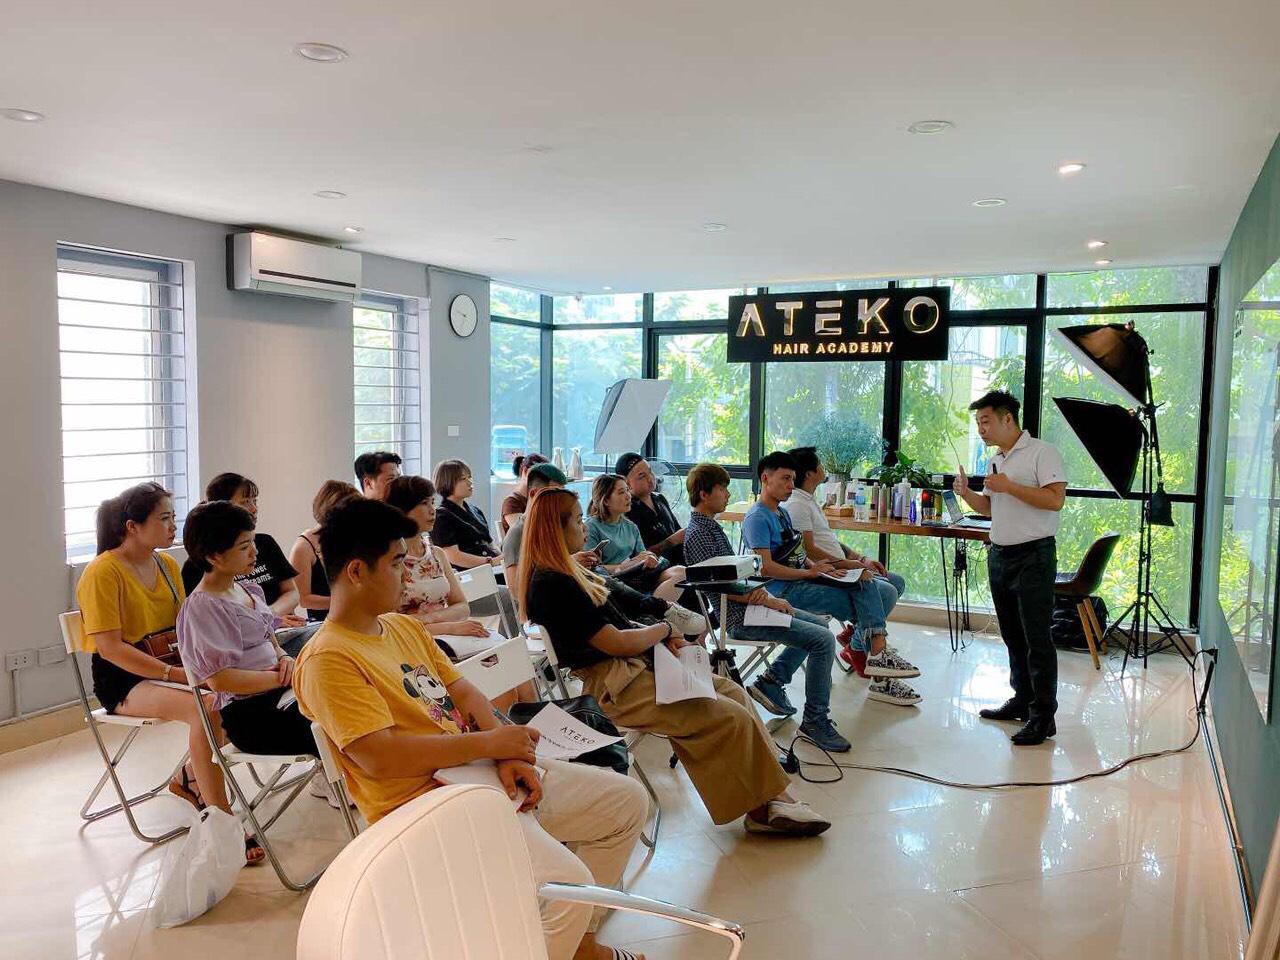 Ateko hair Academy - nơi sở hữu đường kéo sạch hàng đầu Việt Nam - Ảnh 3.